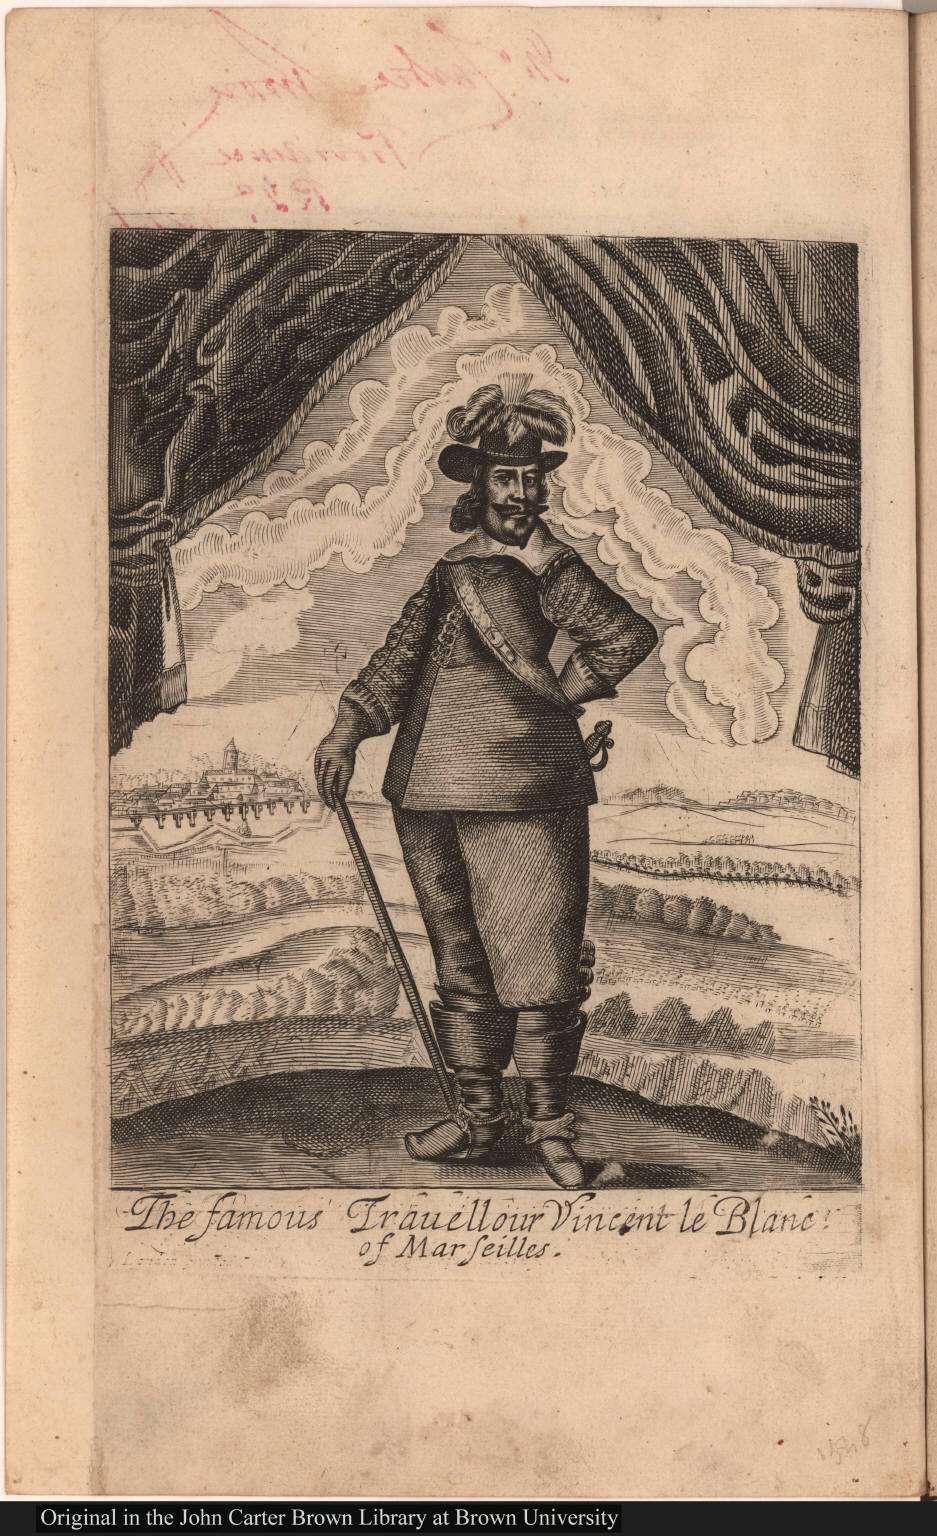 The famous Travellour Vincent le Blanc of Marseilles.